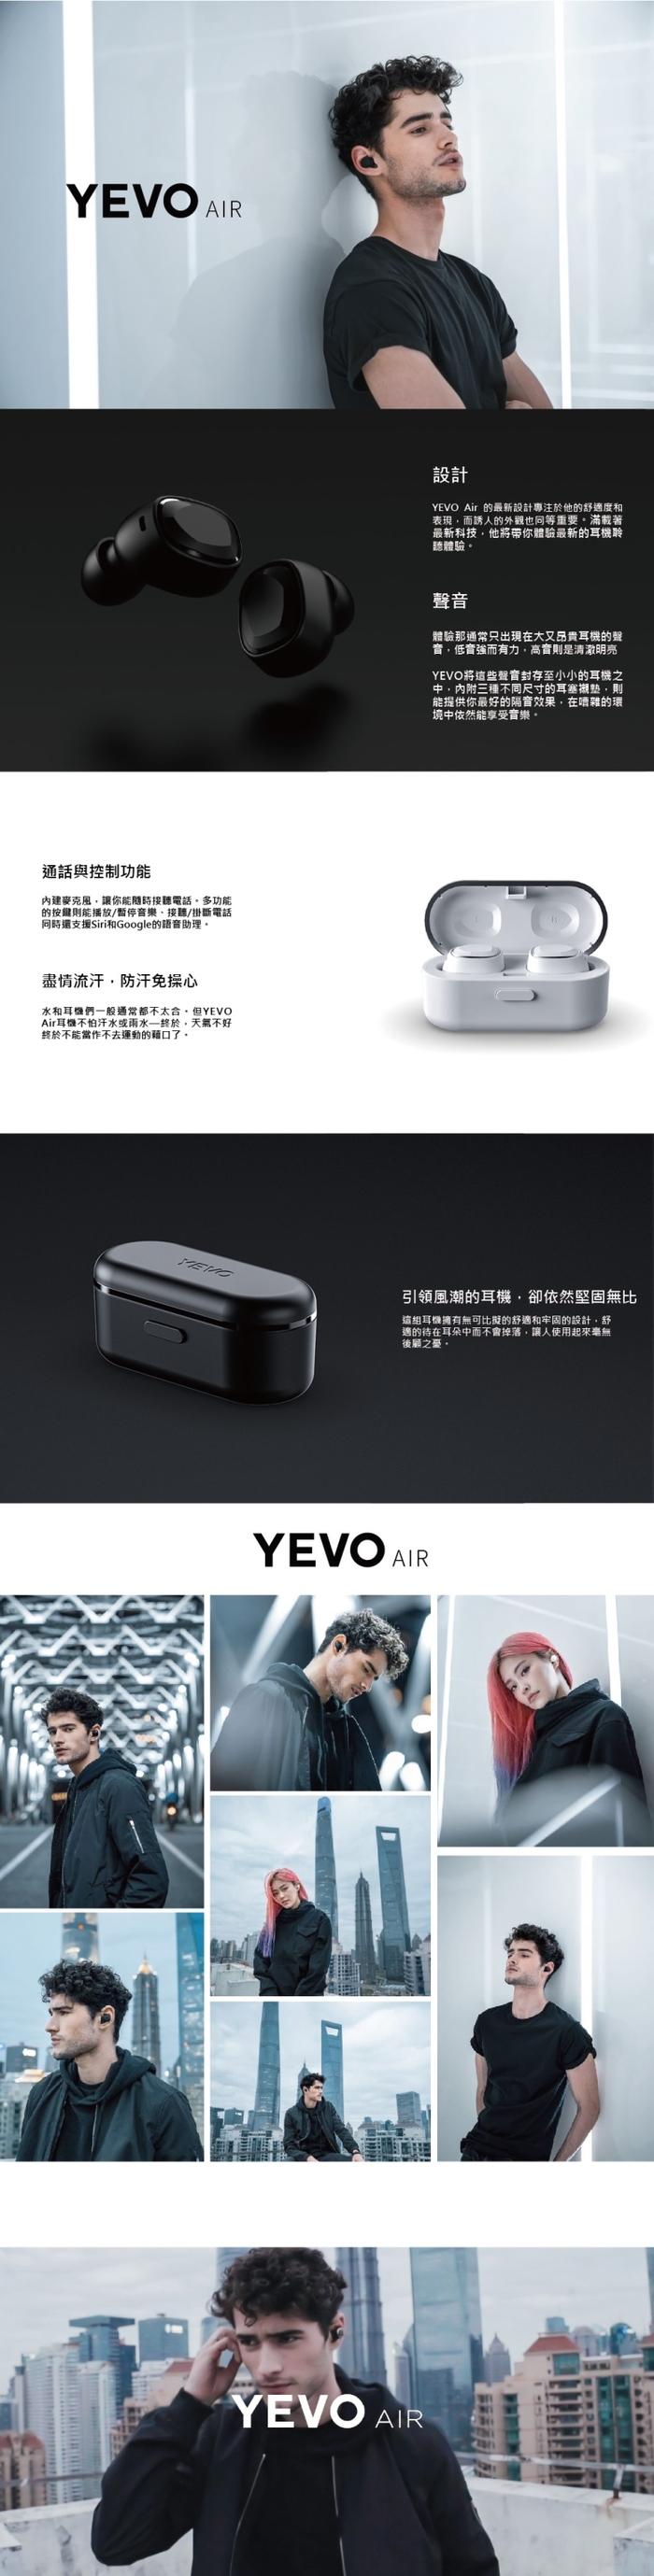 (複製)YEVO|Yevo 1 真無線藍牙耳道式耳機(瑪瑙黑)